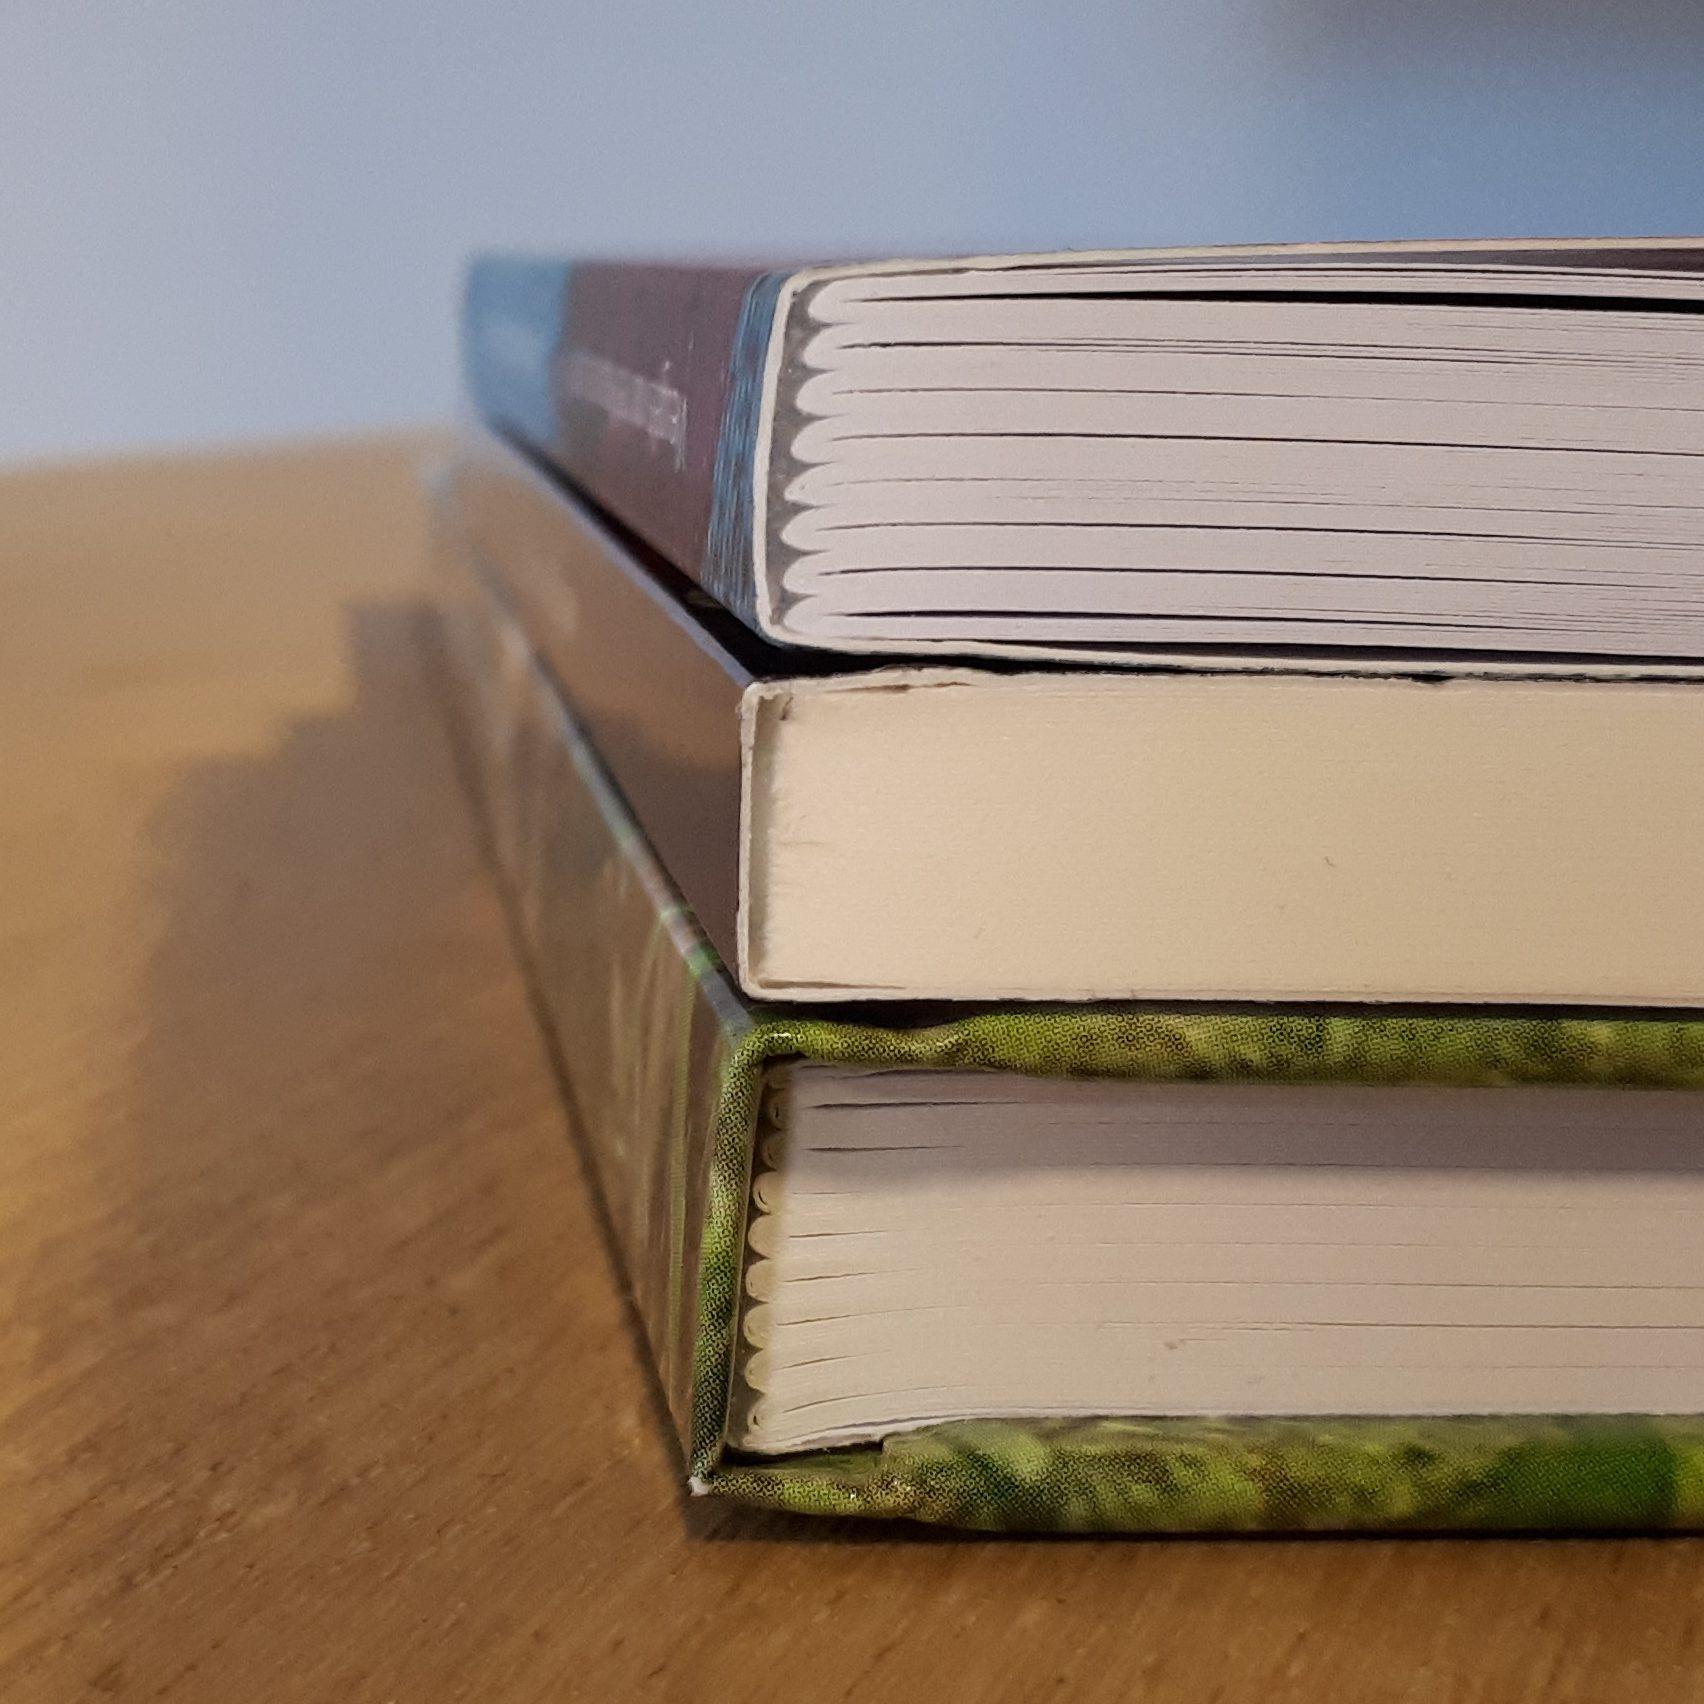 Genaaide hardcover, gelijmde softcover en genaaide softcover